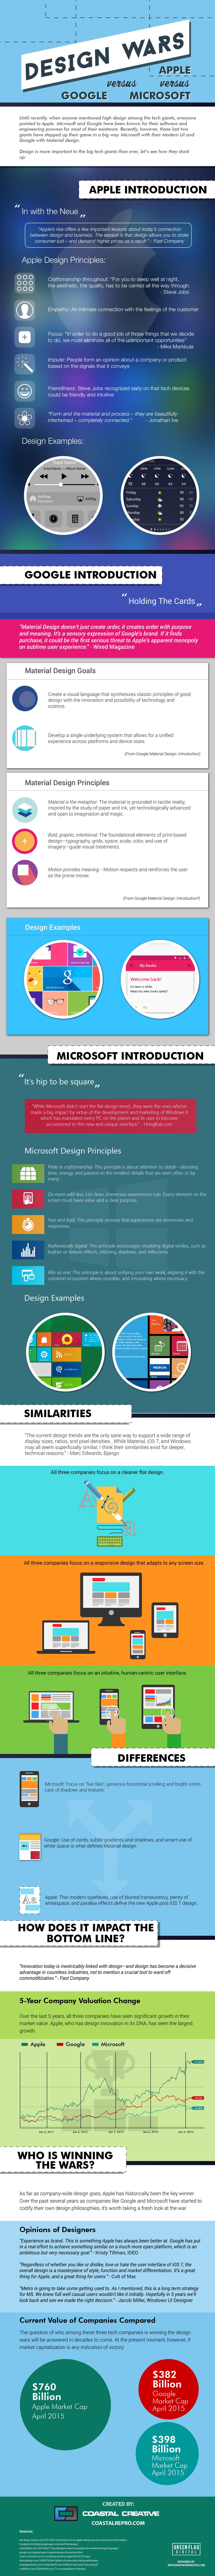 Design Wars: Apple vs Google vs Microsoft